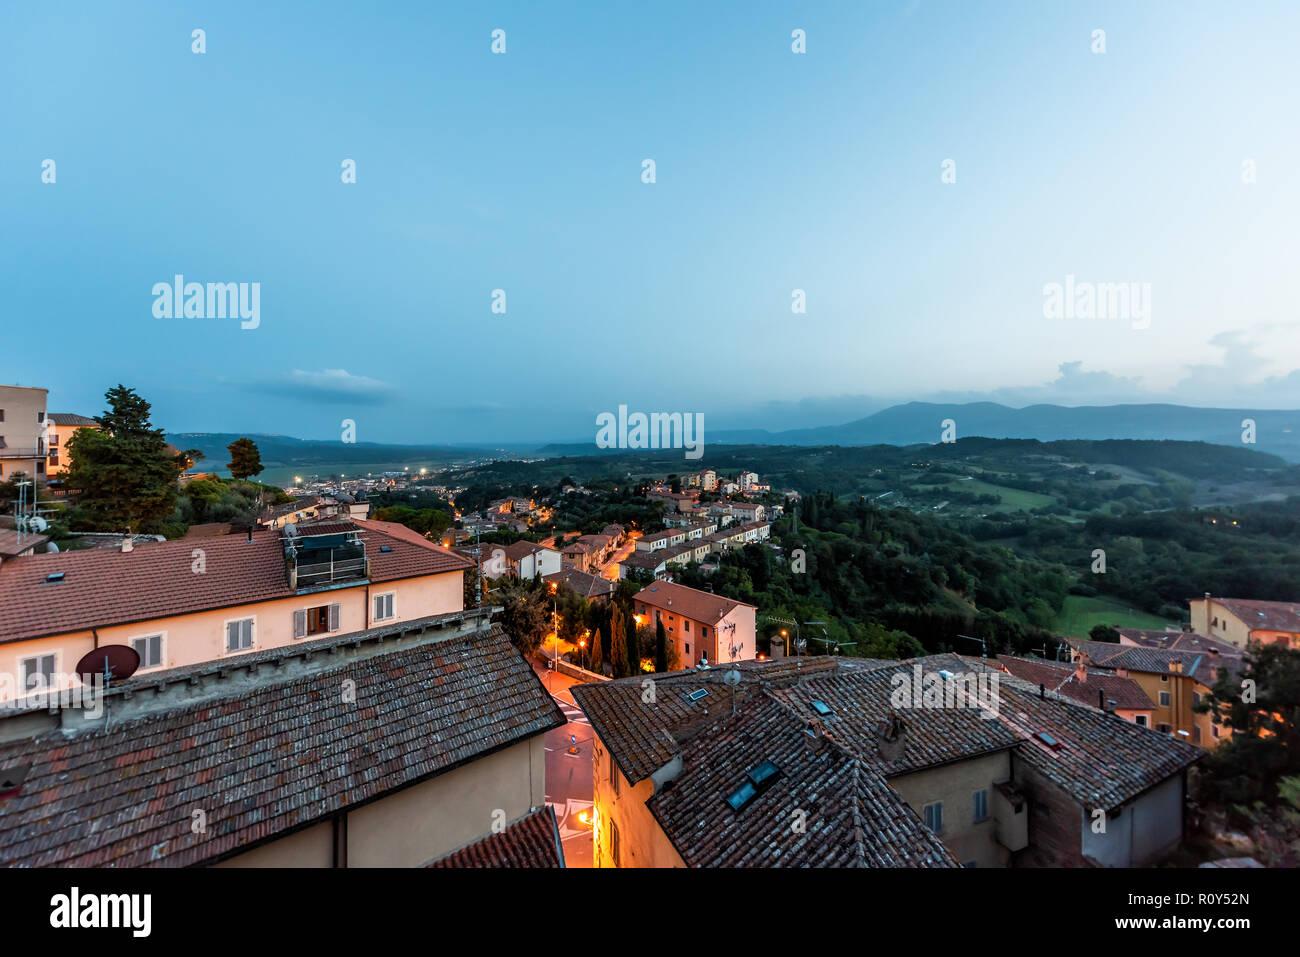 En Chiusi niebla niebla de noche, tarde o mañana en Umbría, Italia, cerca de Toscana, iluminado con luces en las calles, casas de la azotea en la montaña campo, r Foto de stock